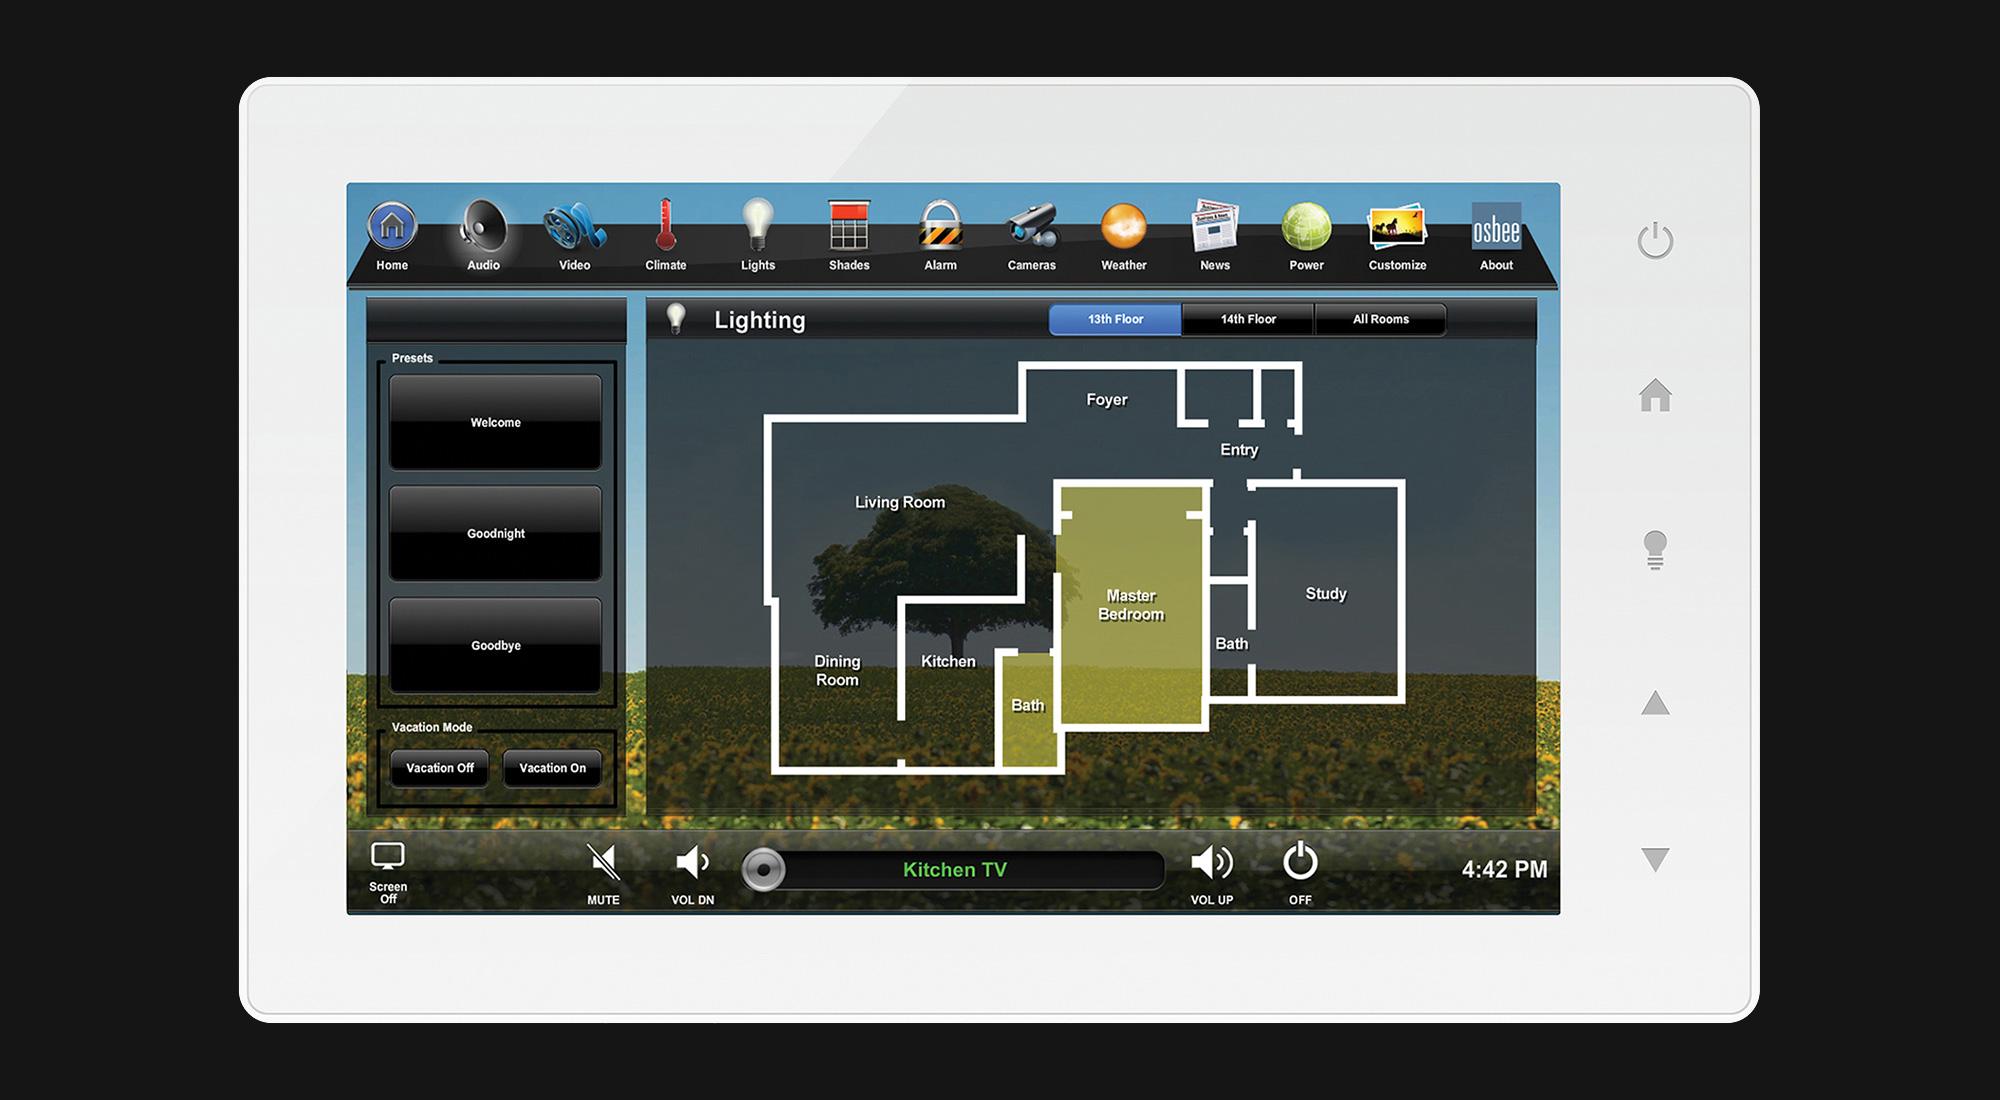 touchscreen, lighting screen